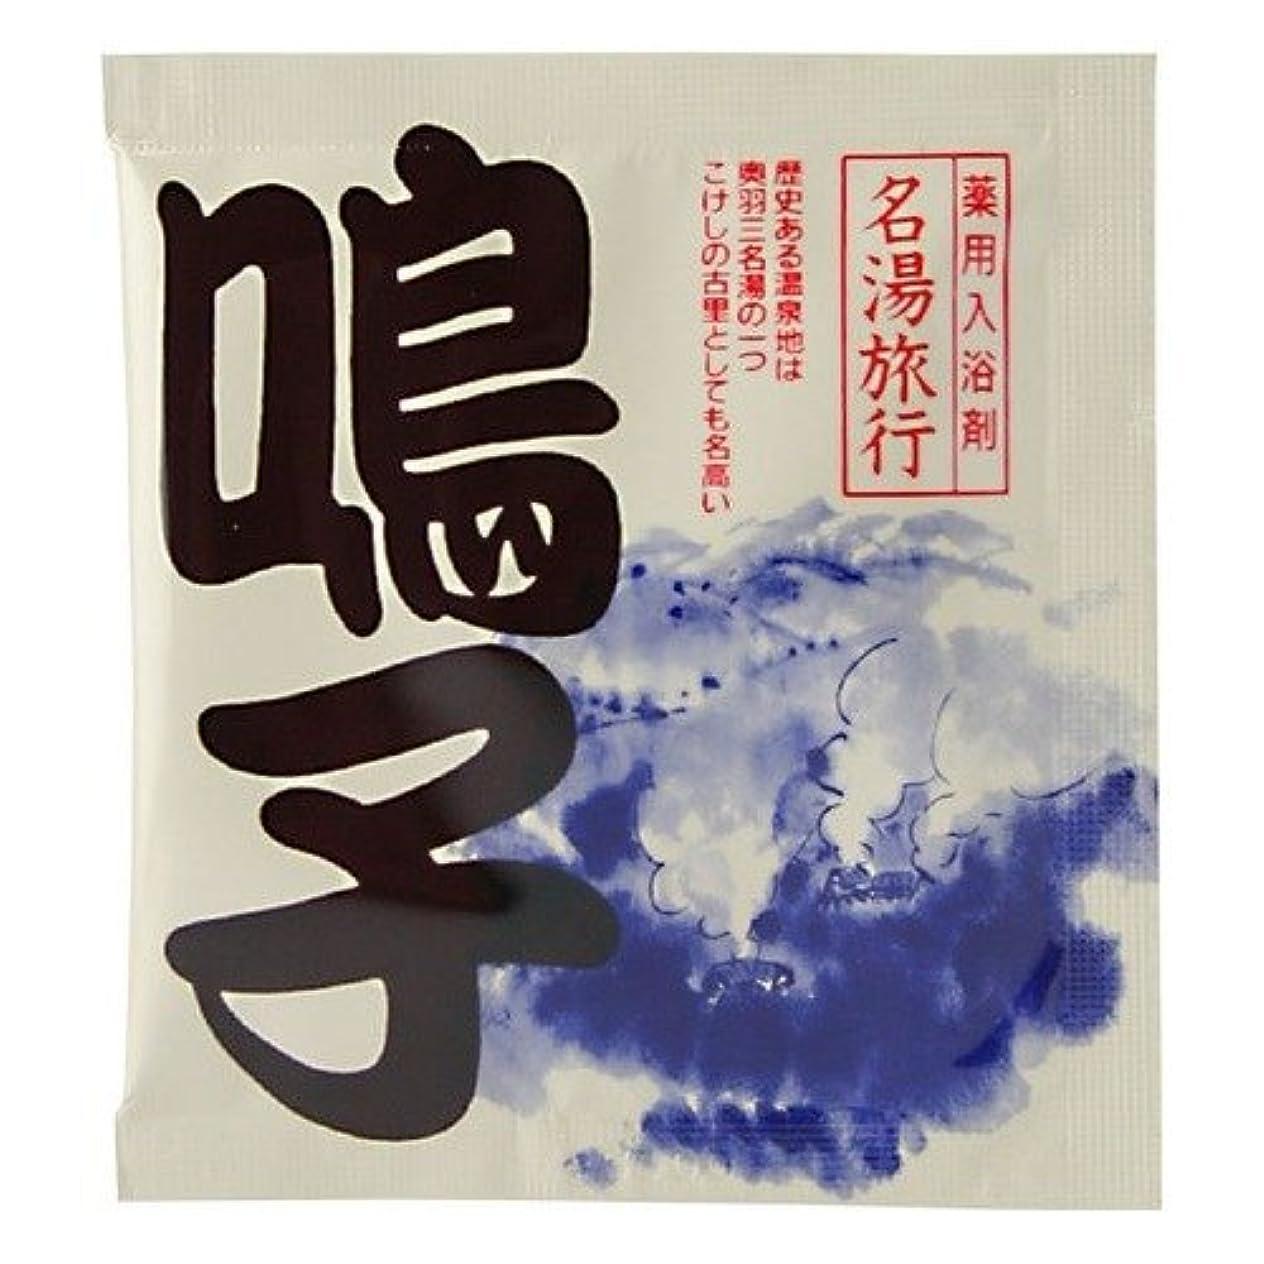 レガシー欺時々五洲薬品 名湯旅行 鳴子 25g 4987332126713